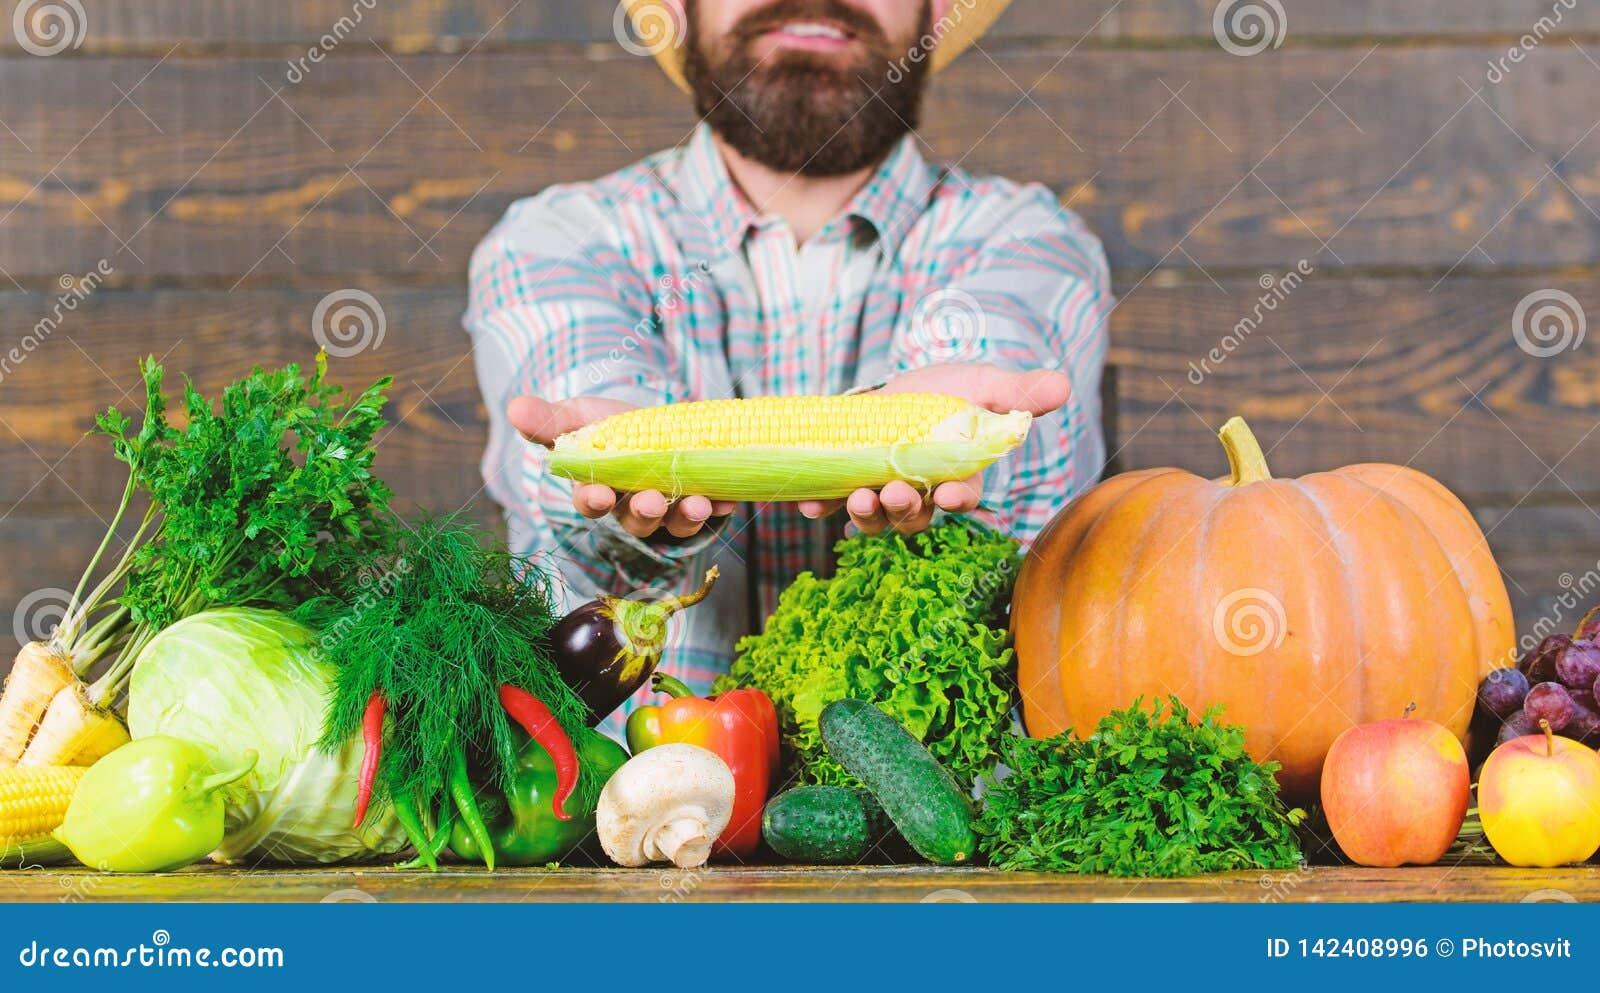 农夫土气村民出现 生长有机庄稼 提出新鲜蔬菜的农夫草帽 快乐的人